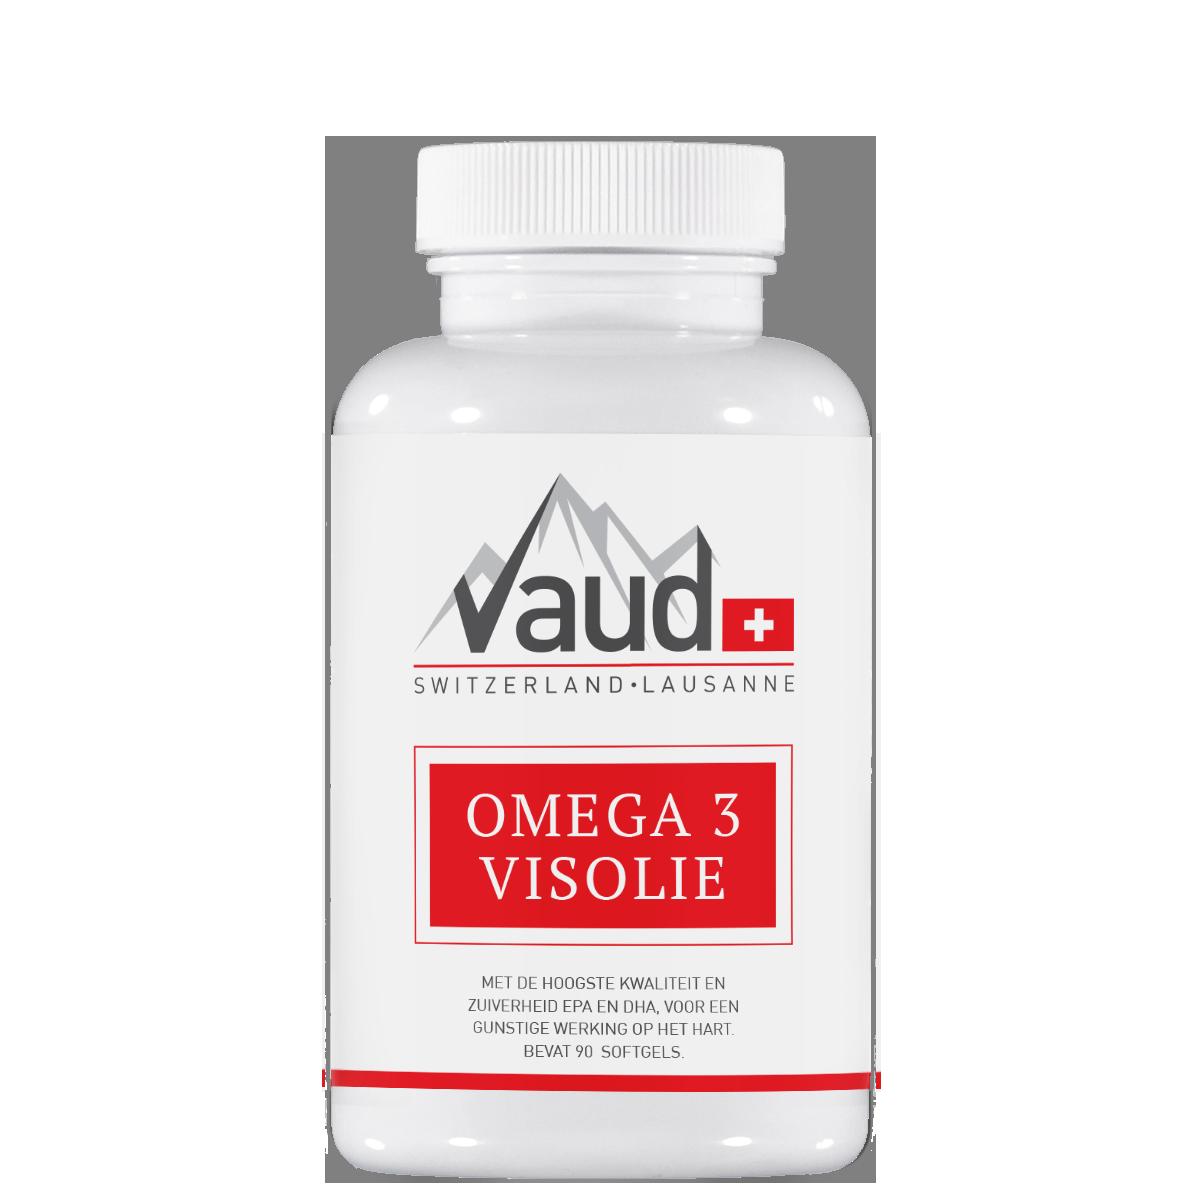 Omega 3 Visolie voor het hart